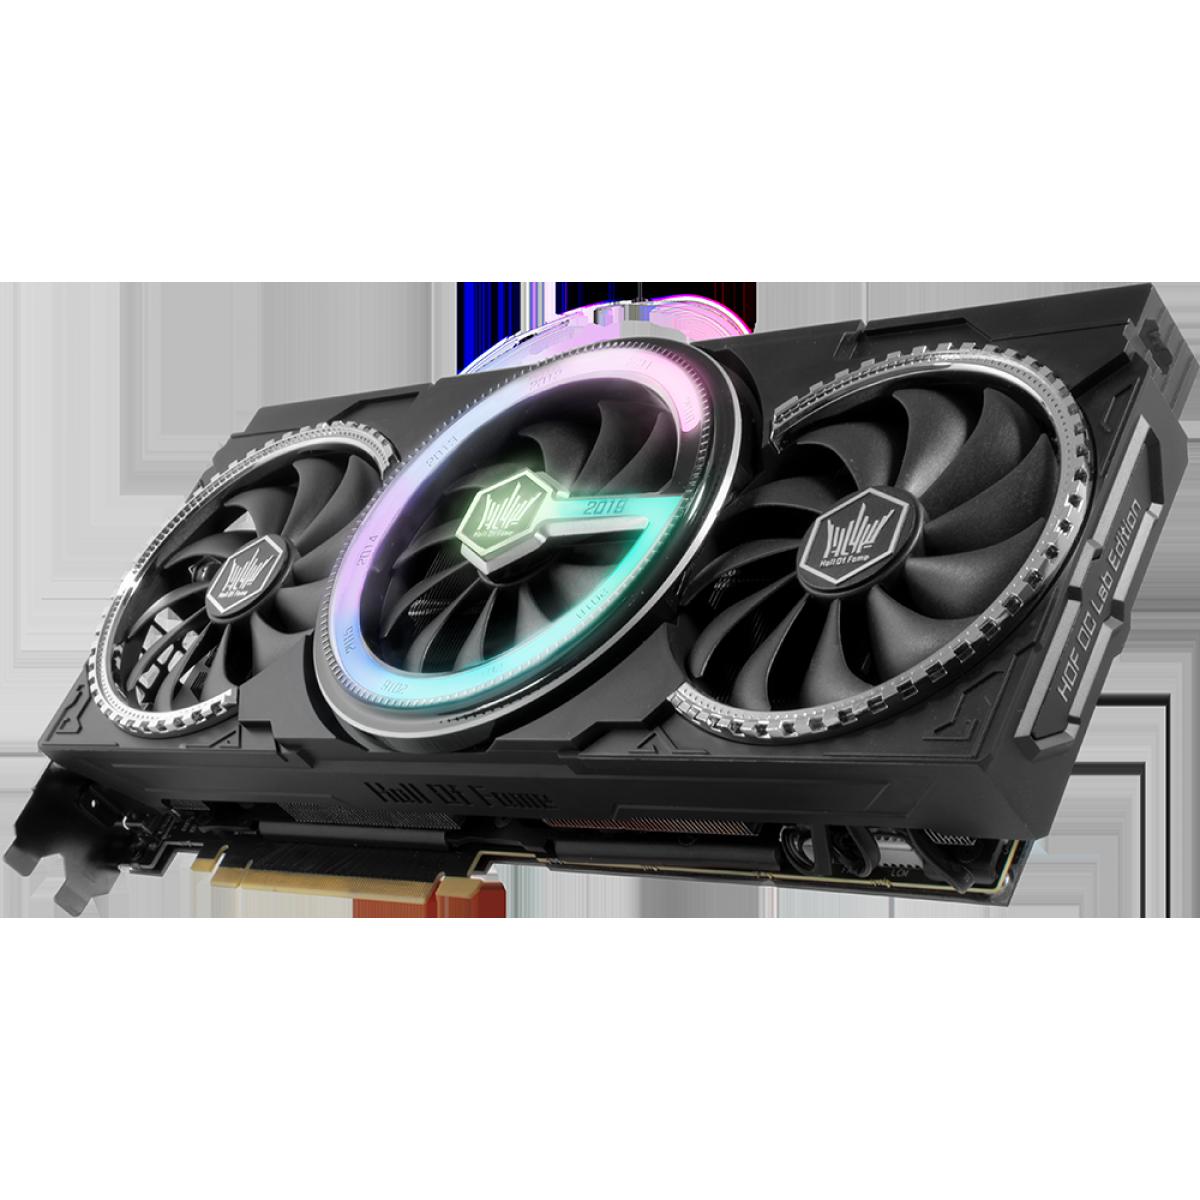 Placa de Vídeo Galax GeForce RTX 2080 Super HOF Teclab, 8GB GDDR6, 256Bit, 26ISL6HP09MN